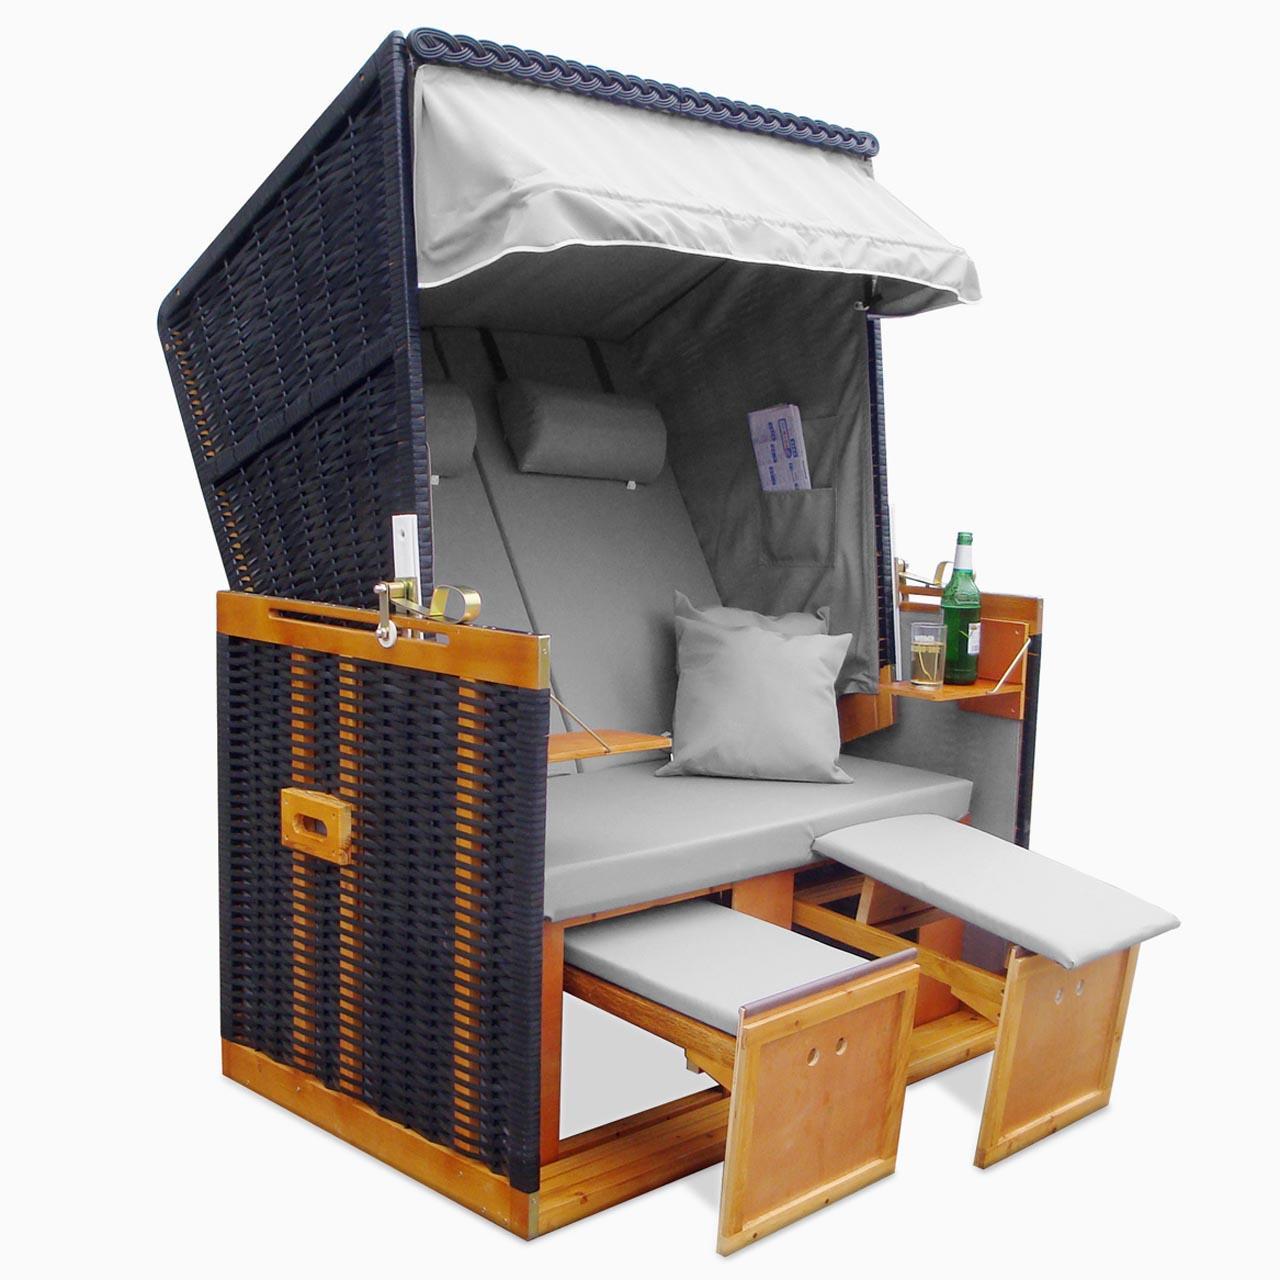 xxl premium nordsee strandkorb volllieger gartenm bel gartenliege sonnenliege ebay. Black Bedroom Furniture Sets. Home Design Ideas